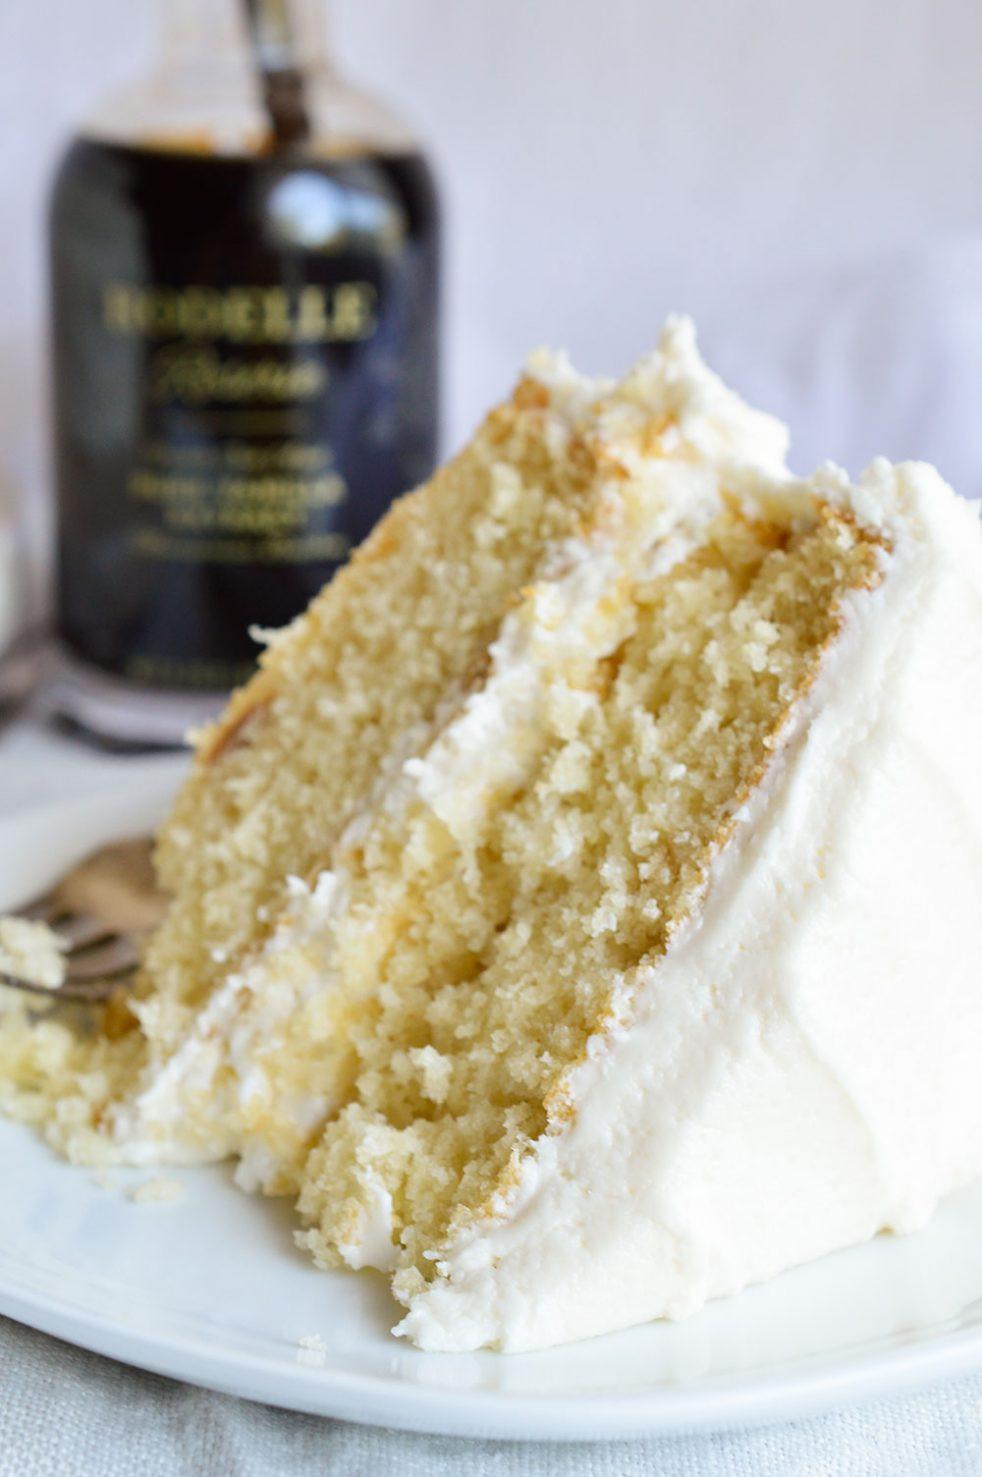 Cake Recipe From Scratch  Buttermilk Vanilla Cake Recipe From Scratch